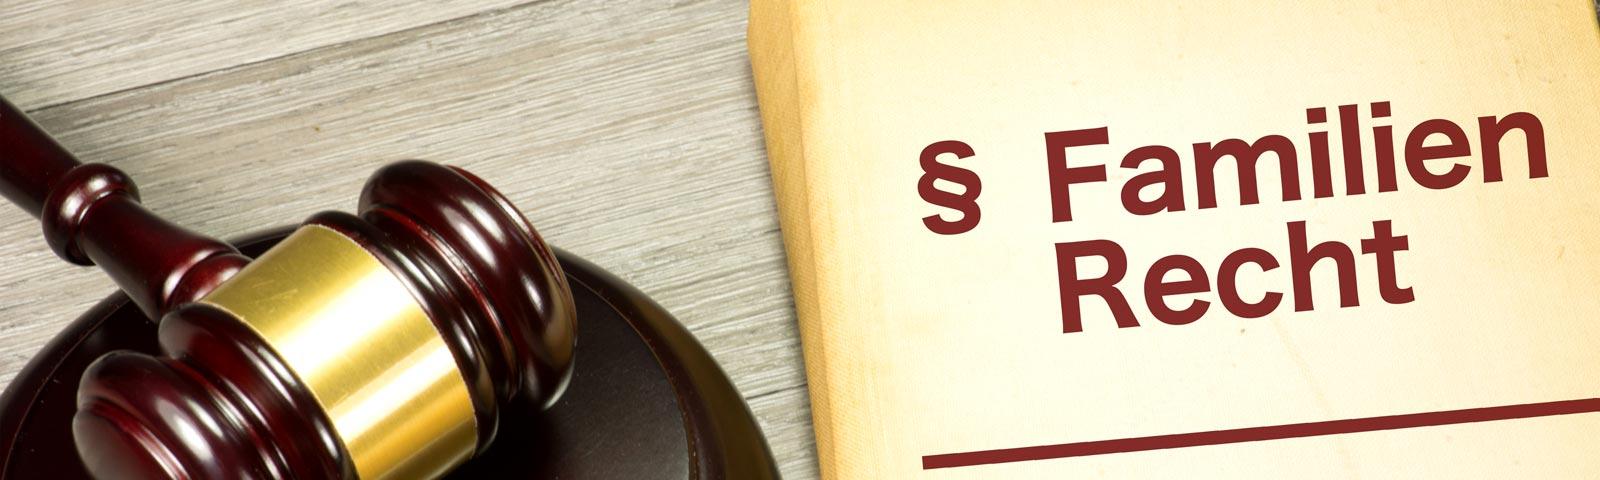 Richterhammer mit Gesetzbuch Familienrecht